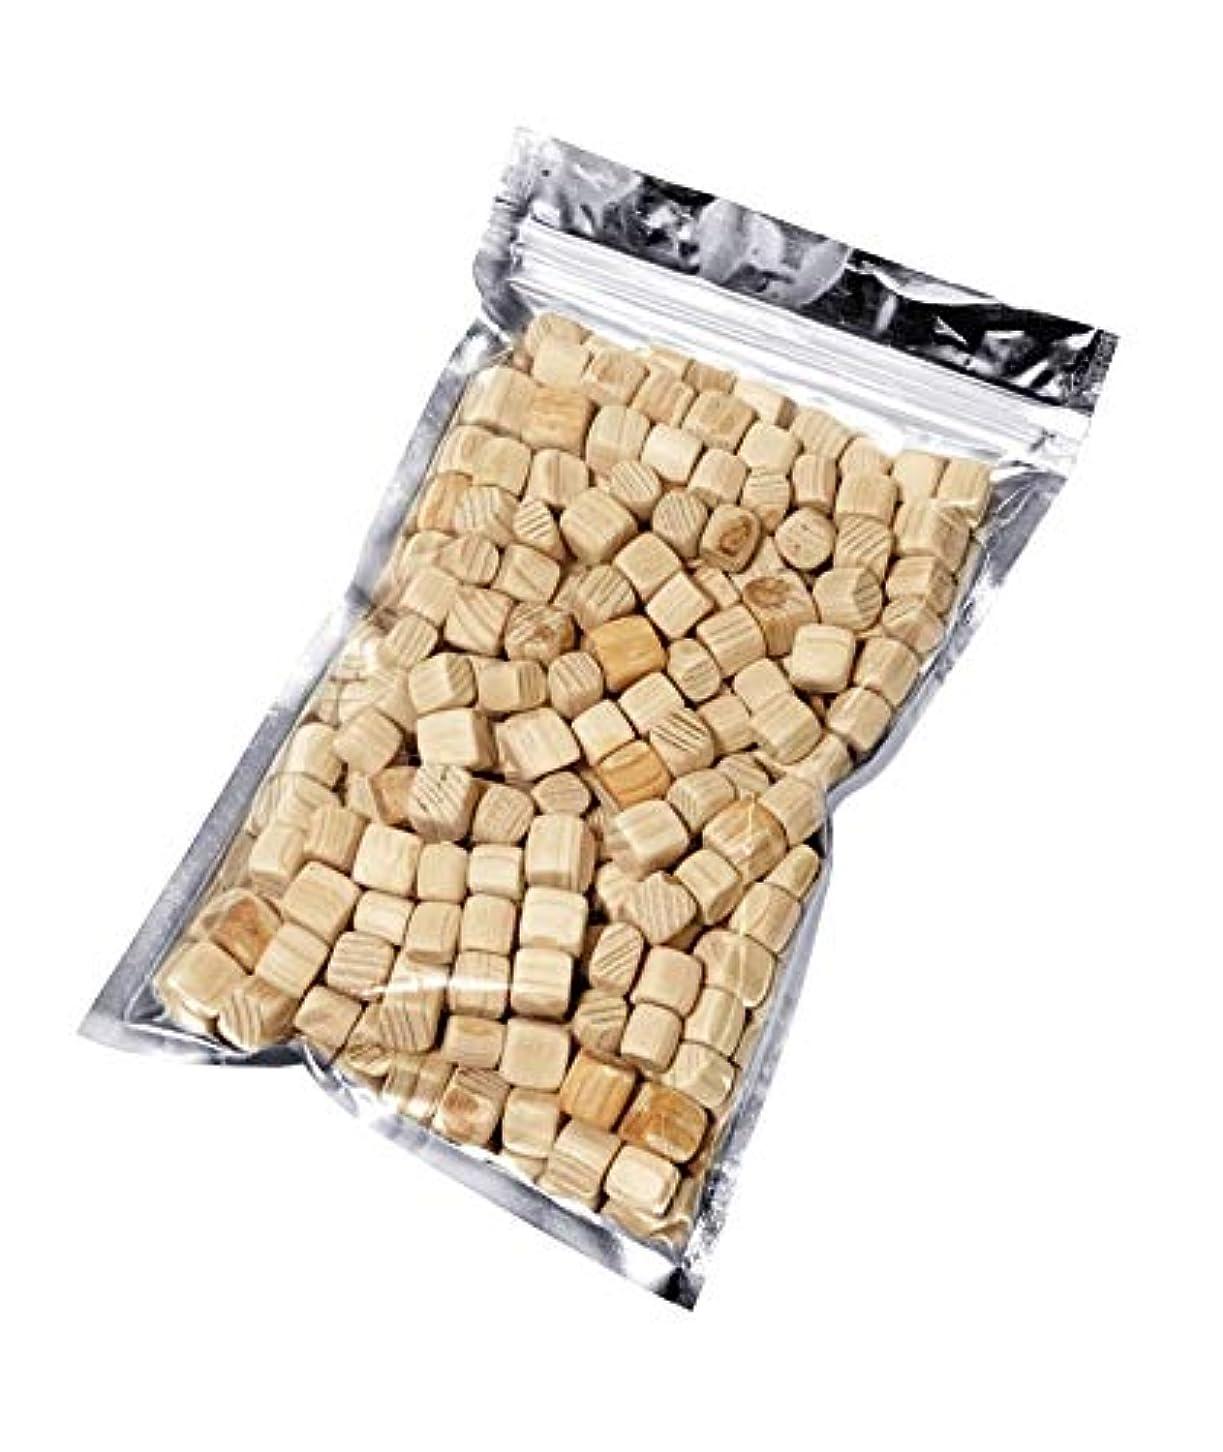 誘発するバスルーム裁定kicoriya 国産ヒノキ キューブ状ブロック 90g サシェ用袋付き